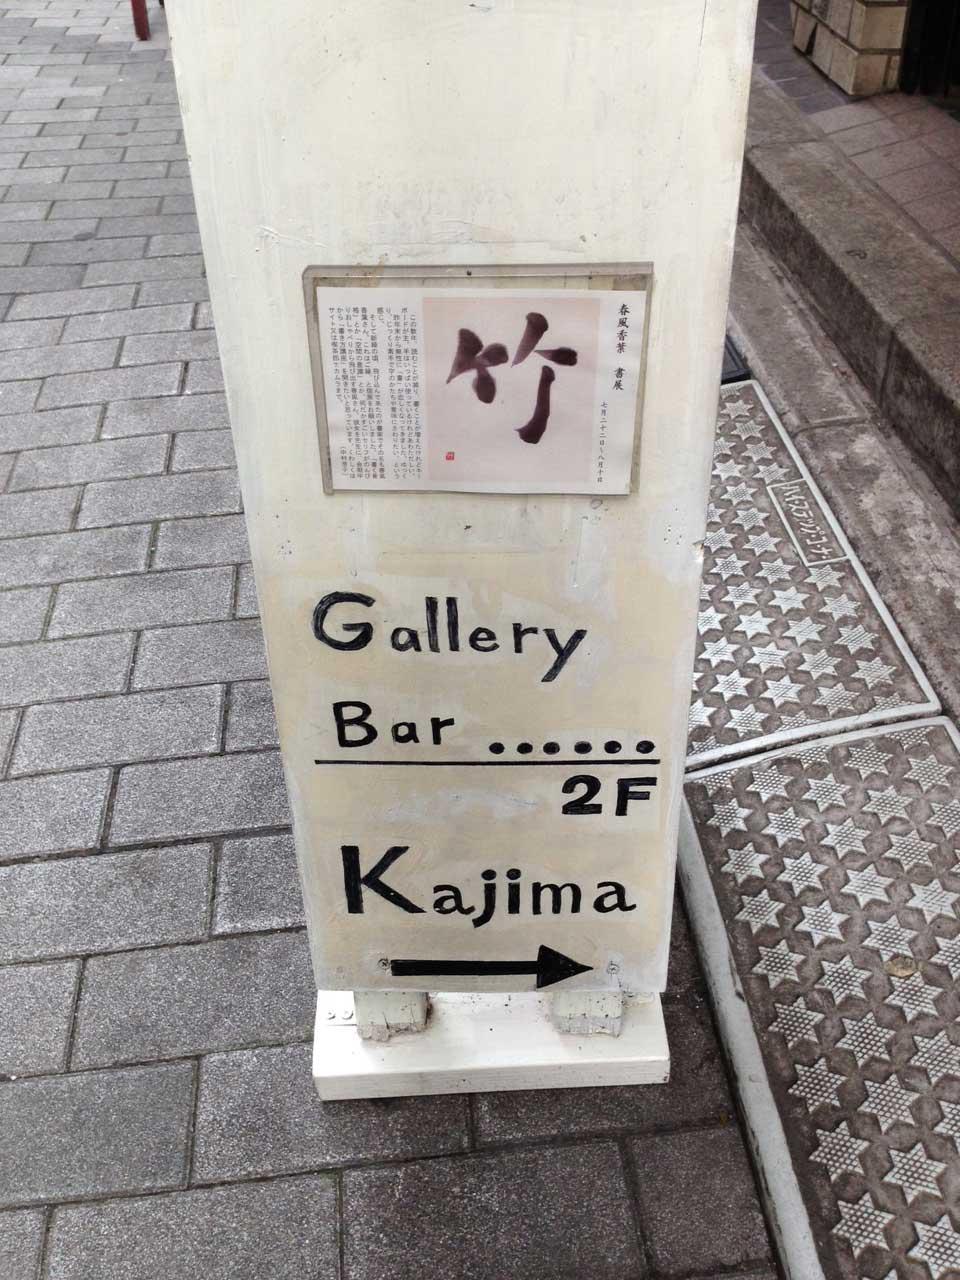 Gallary Bar kajima